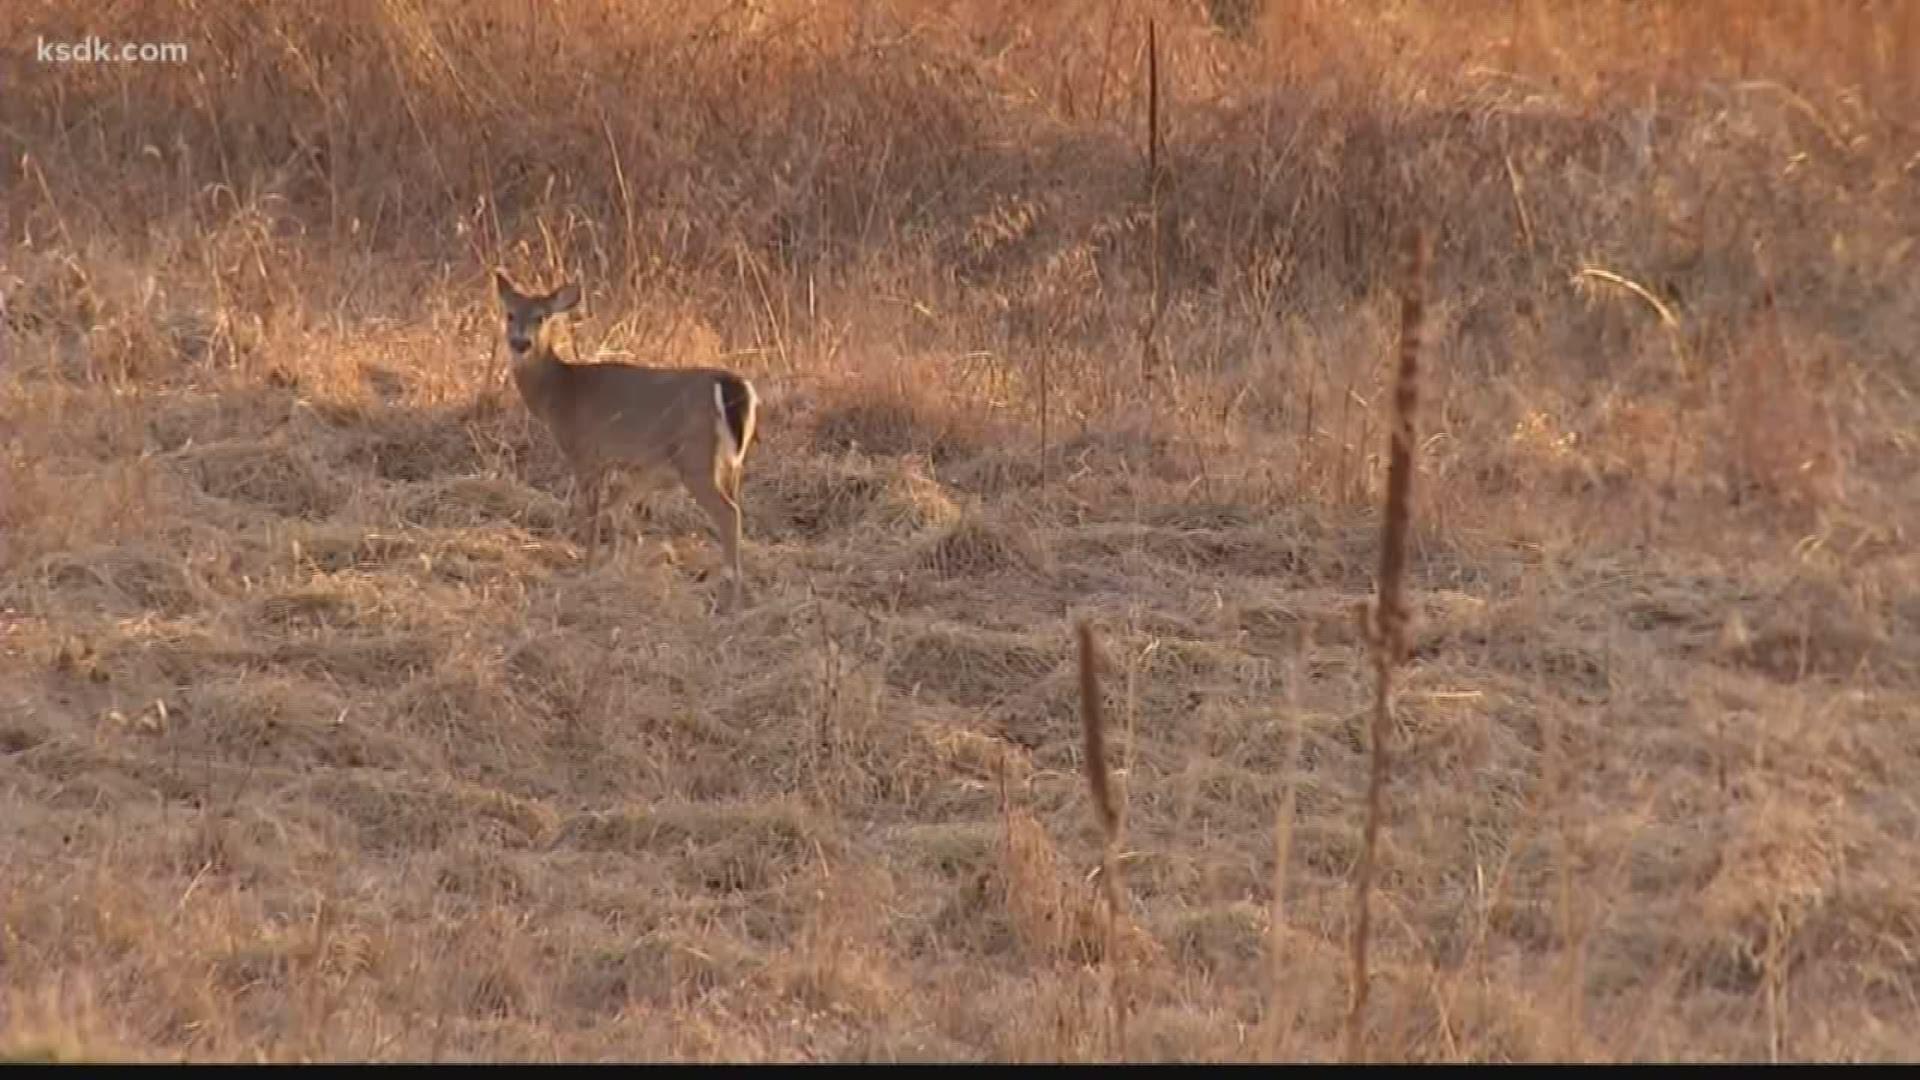 Missouri Turkey Hunter Kills Bobcat That Attacked Him  2021 Illinois Whitetail Season Outlook